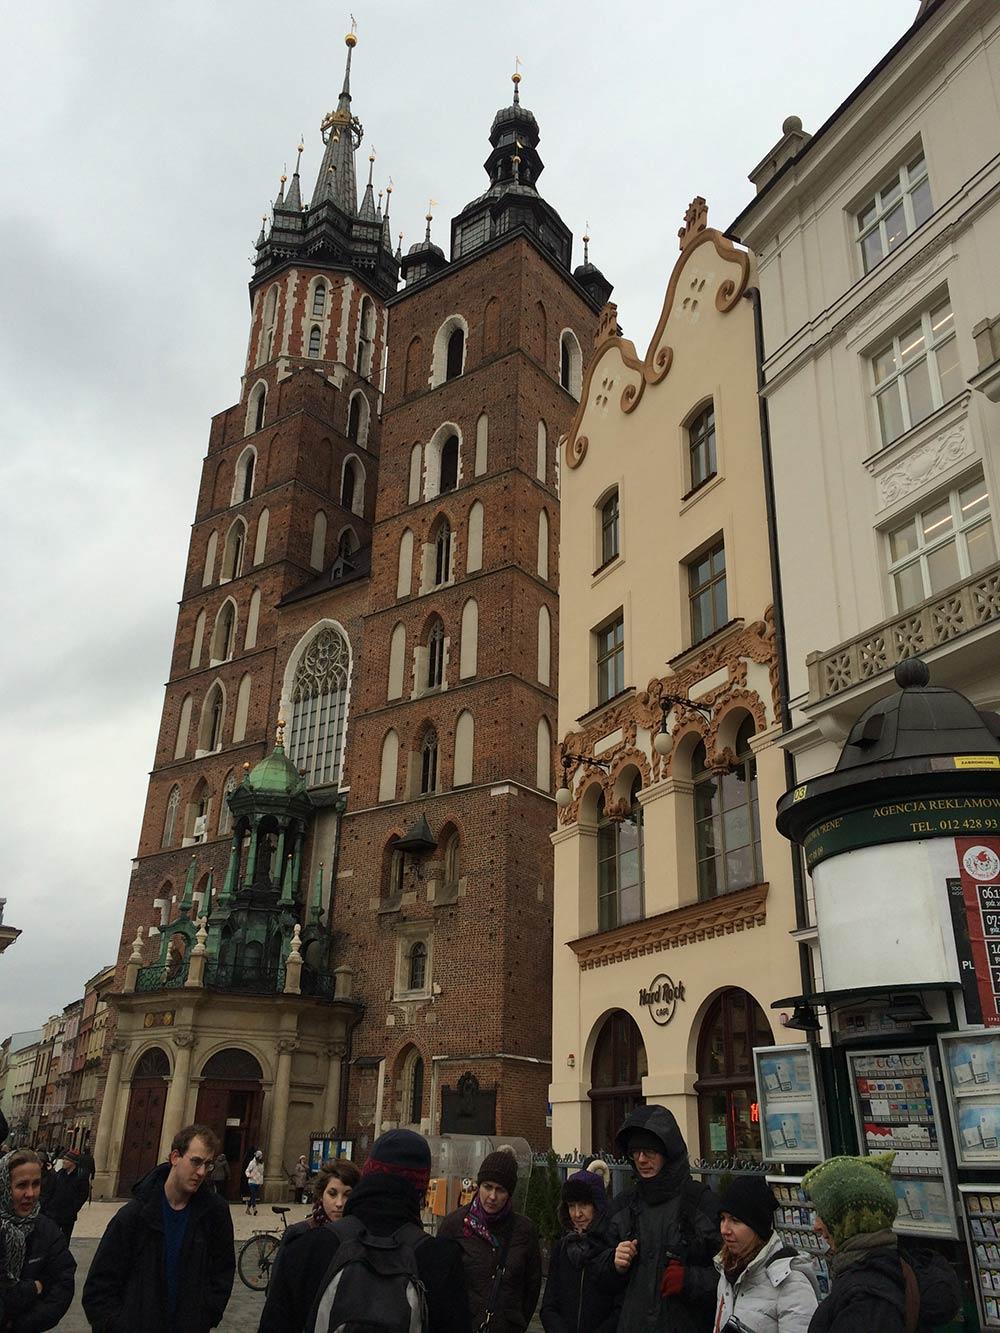 Descubra tudo sobre a Basílica de Santa Maria e outras atrações de Cracóvia nesse post!